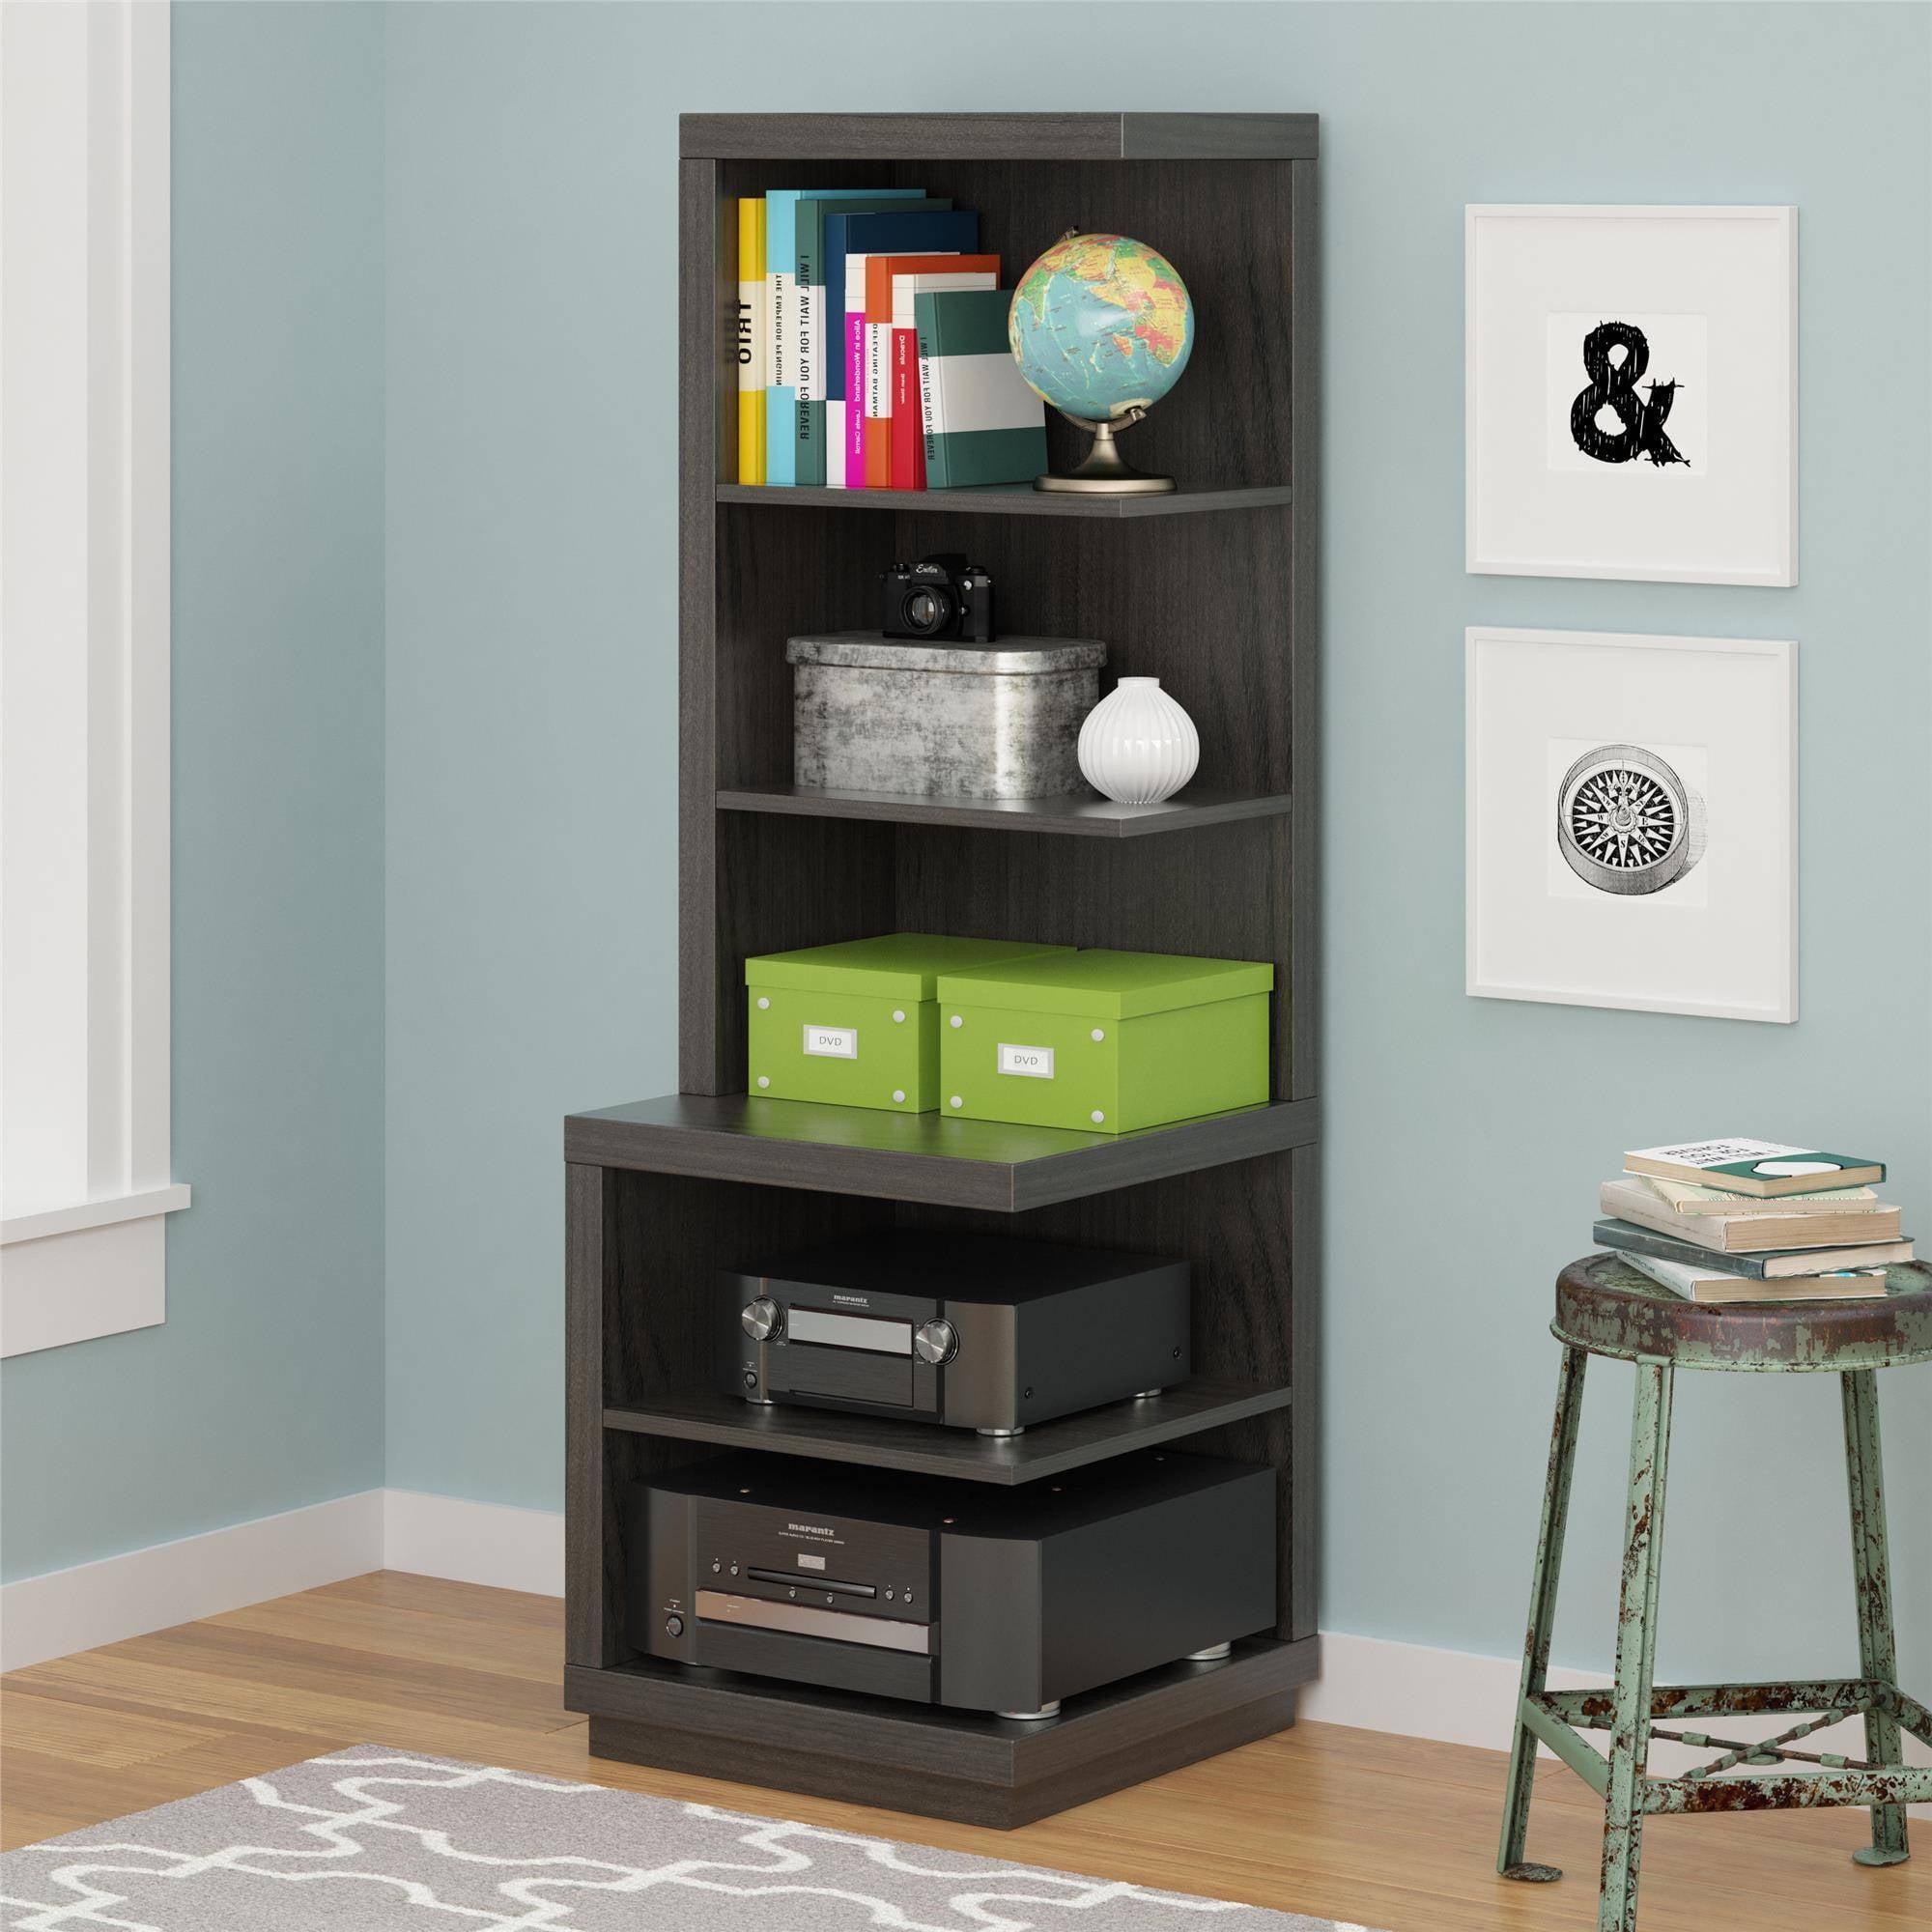 Altra Media Storage Bookcase, Espresso